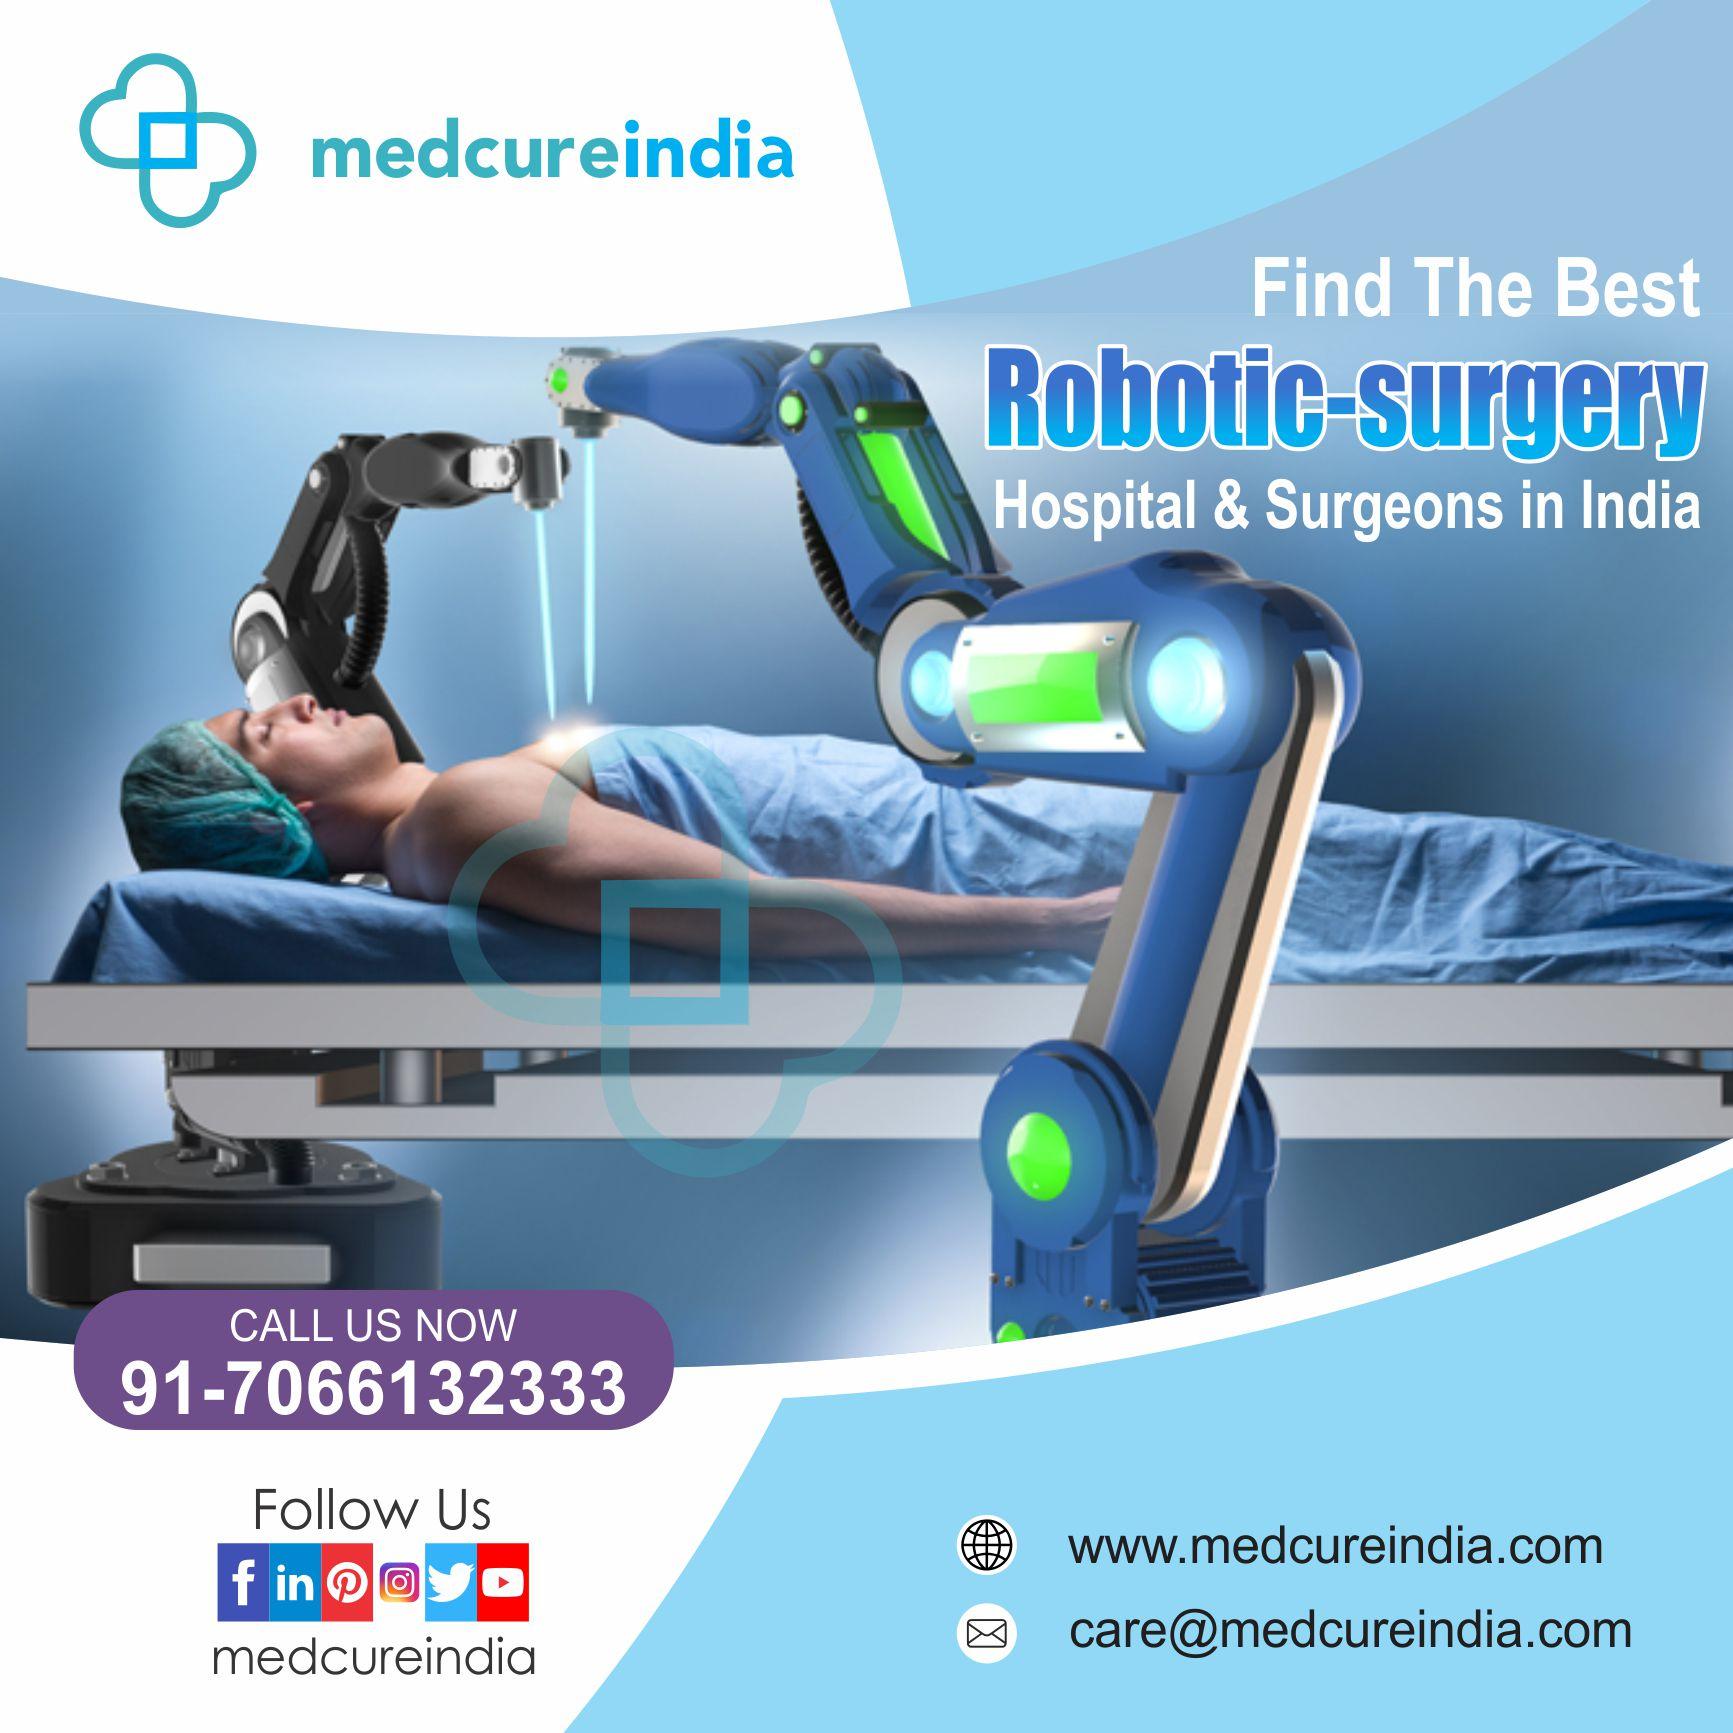 Find the best Robotic Surgery #hospital and #surgeons in India  #FridayFeeling #FridayMotivation #FridayThoughts #uk #usa #nizeria #Kenya https://t.co/7igp03bmU2